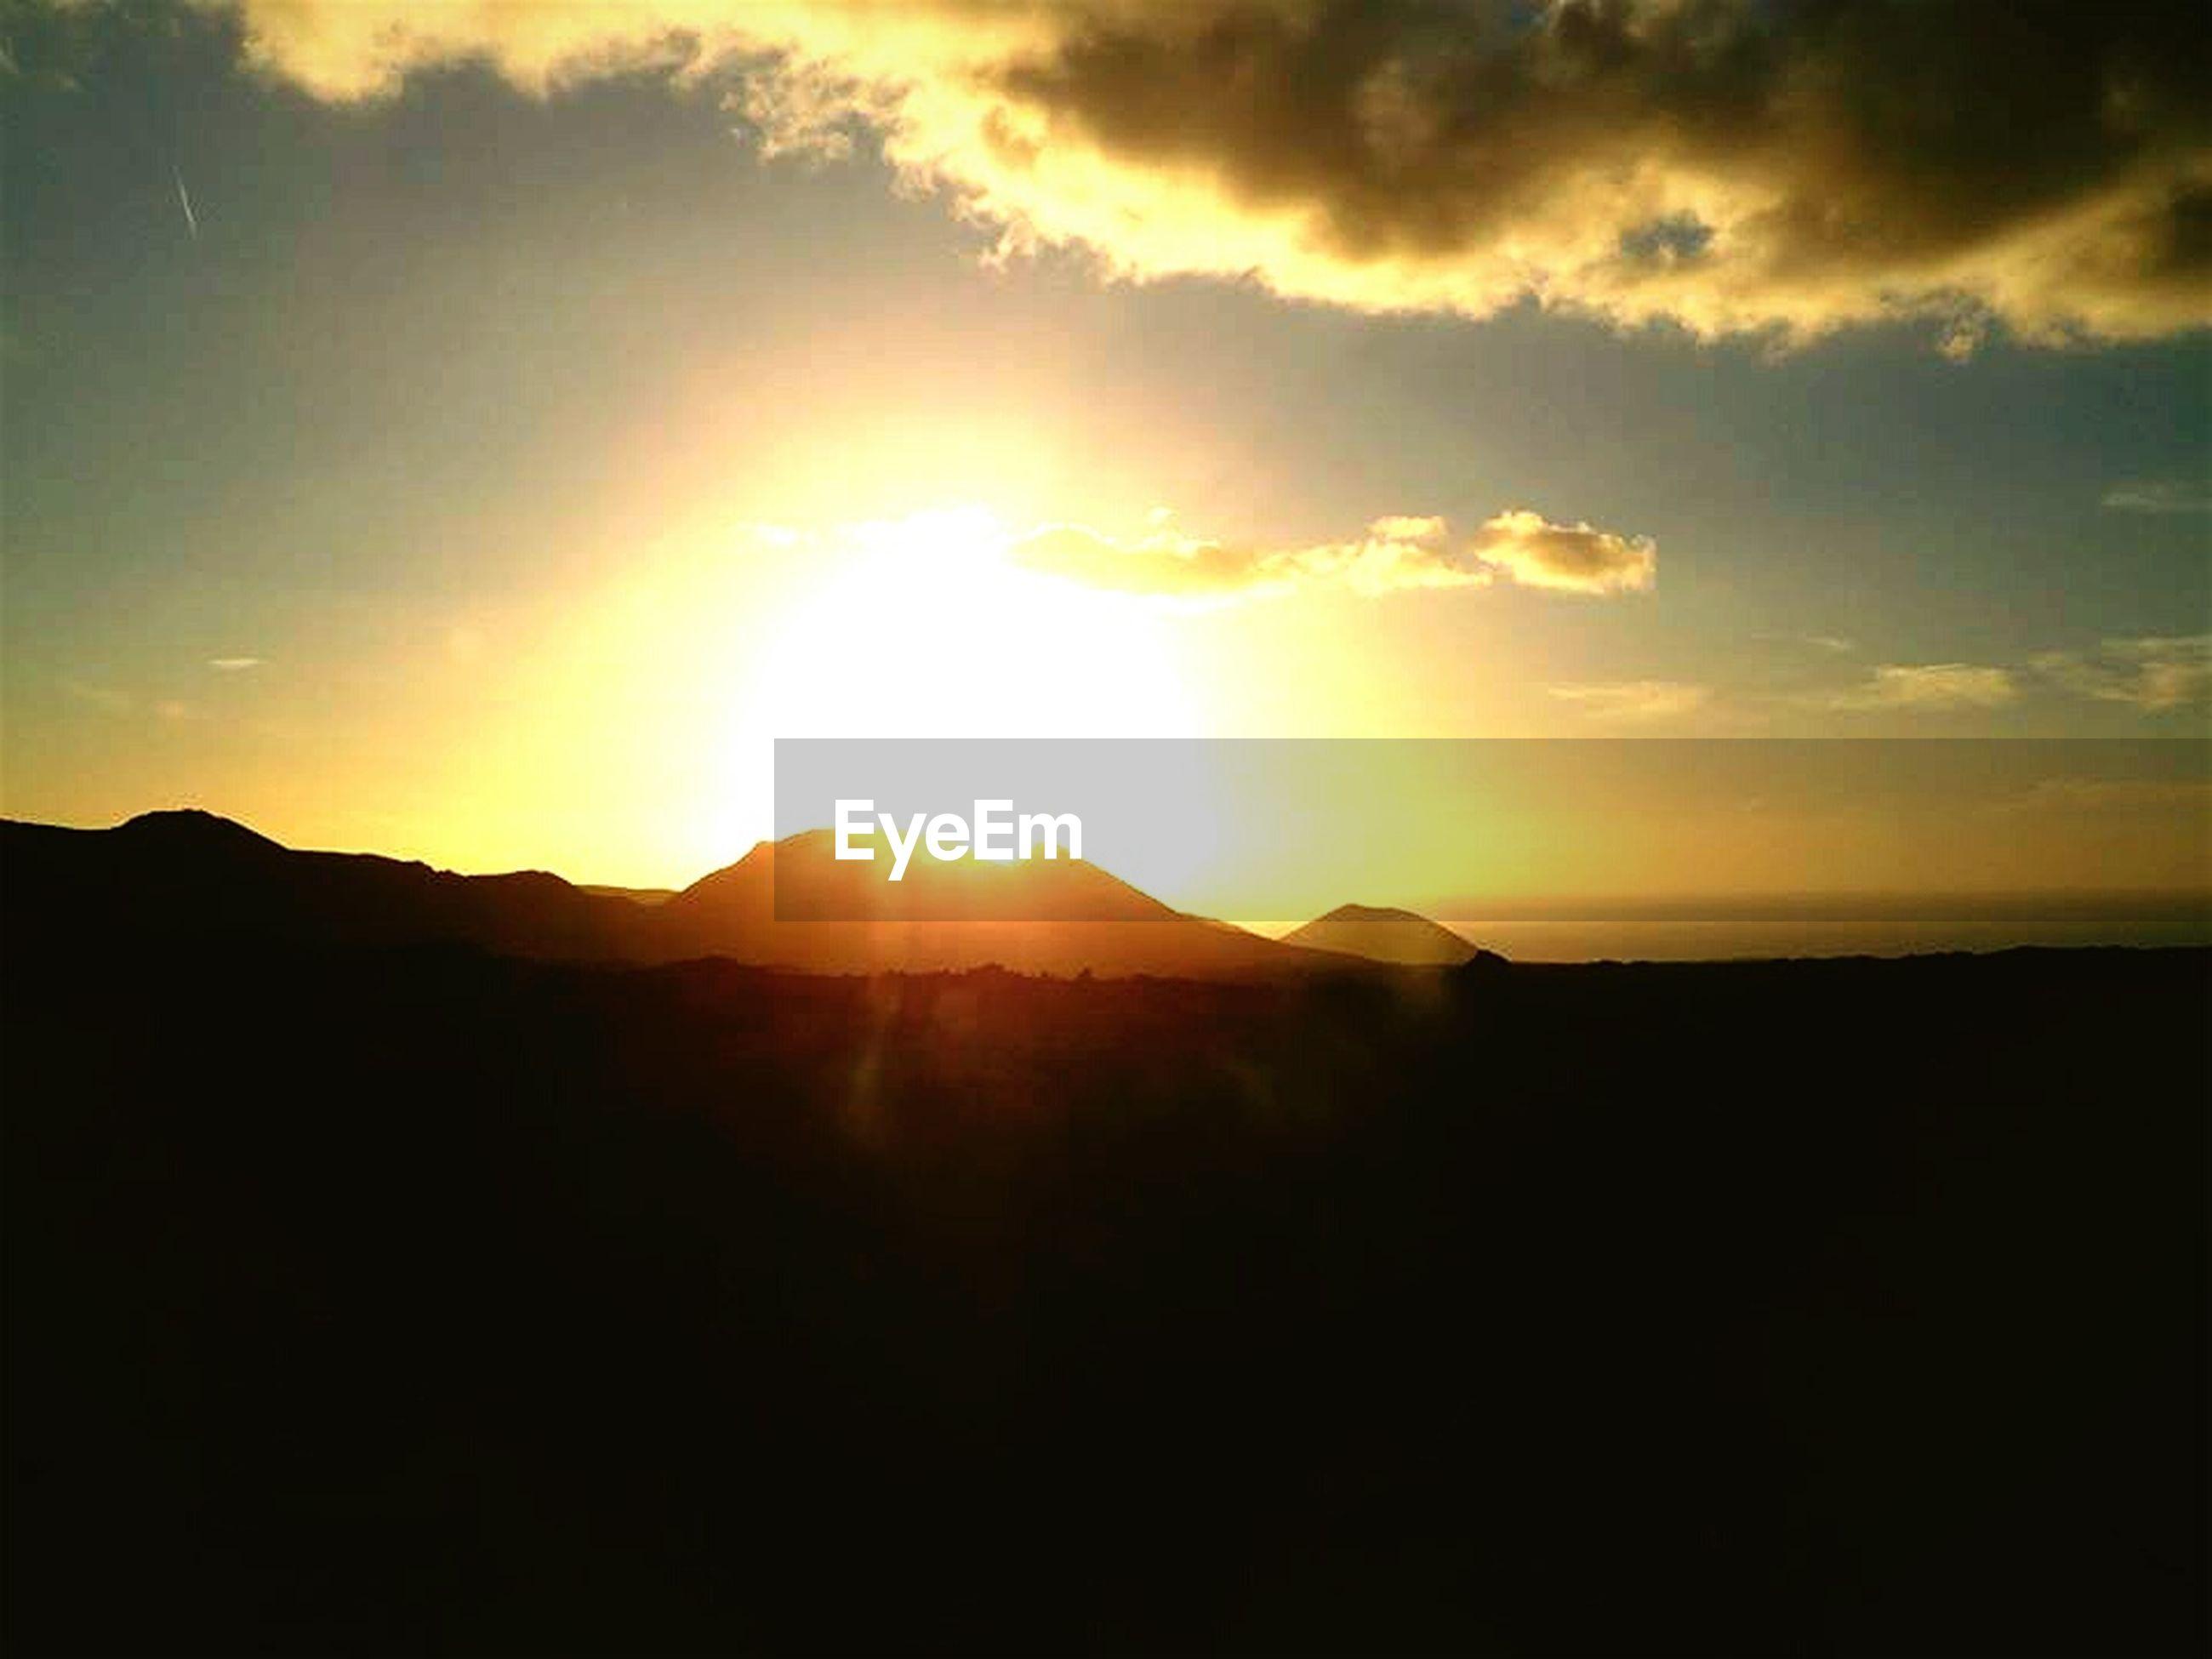 sunset, sun, scenics, tranquil scene, silhouette, tranquility, beauty in nature, mountain, sky, mountain range, idyllic, sunlight, nature, sunbeam, landscape, cloud - sky, orange color, cloud, majestic, outdoors